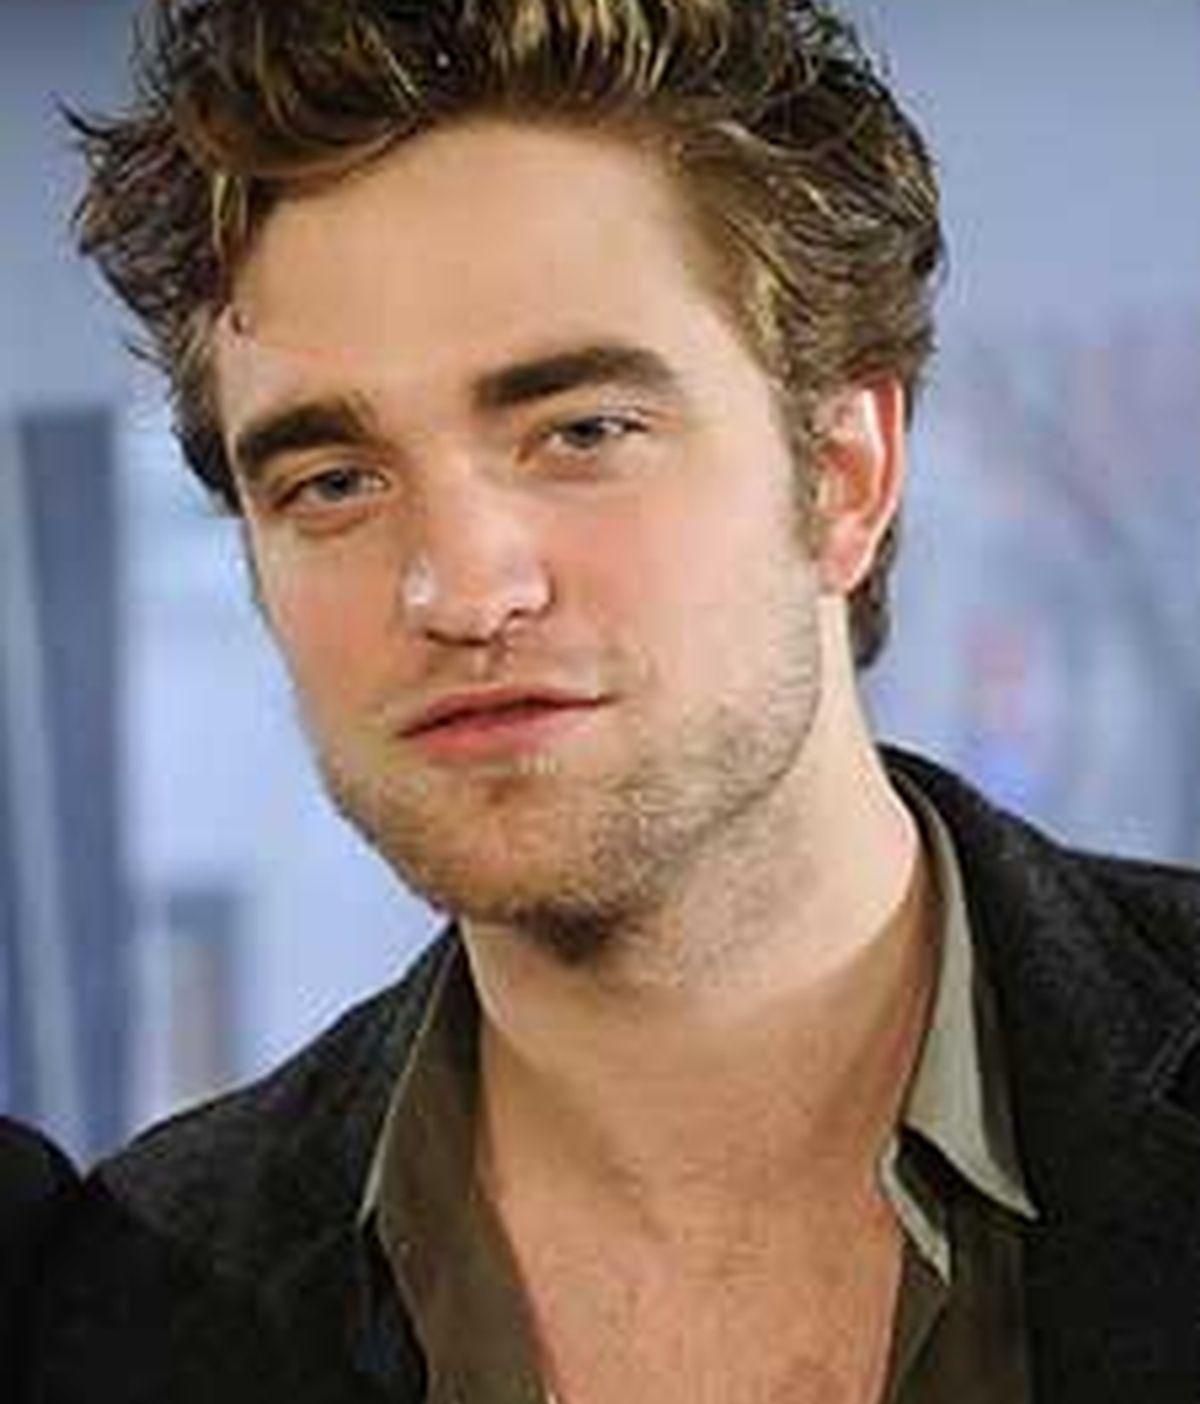 Robert Pattinson estuvo a punto de dejar la carrera de actor antes de conseguir el papel de 'Crepúsculo'. Foto: The Sun